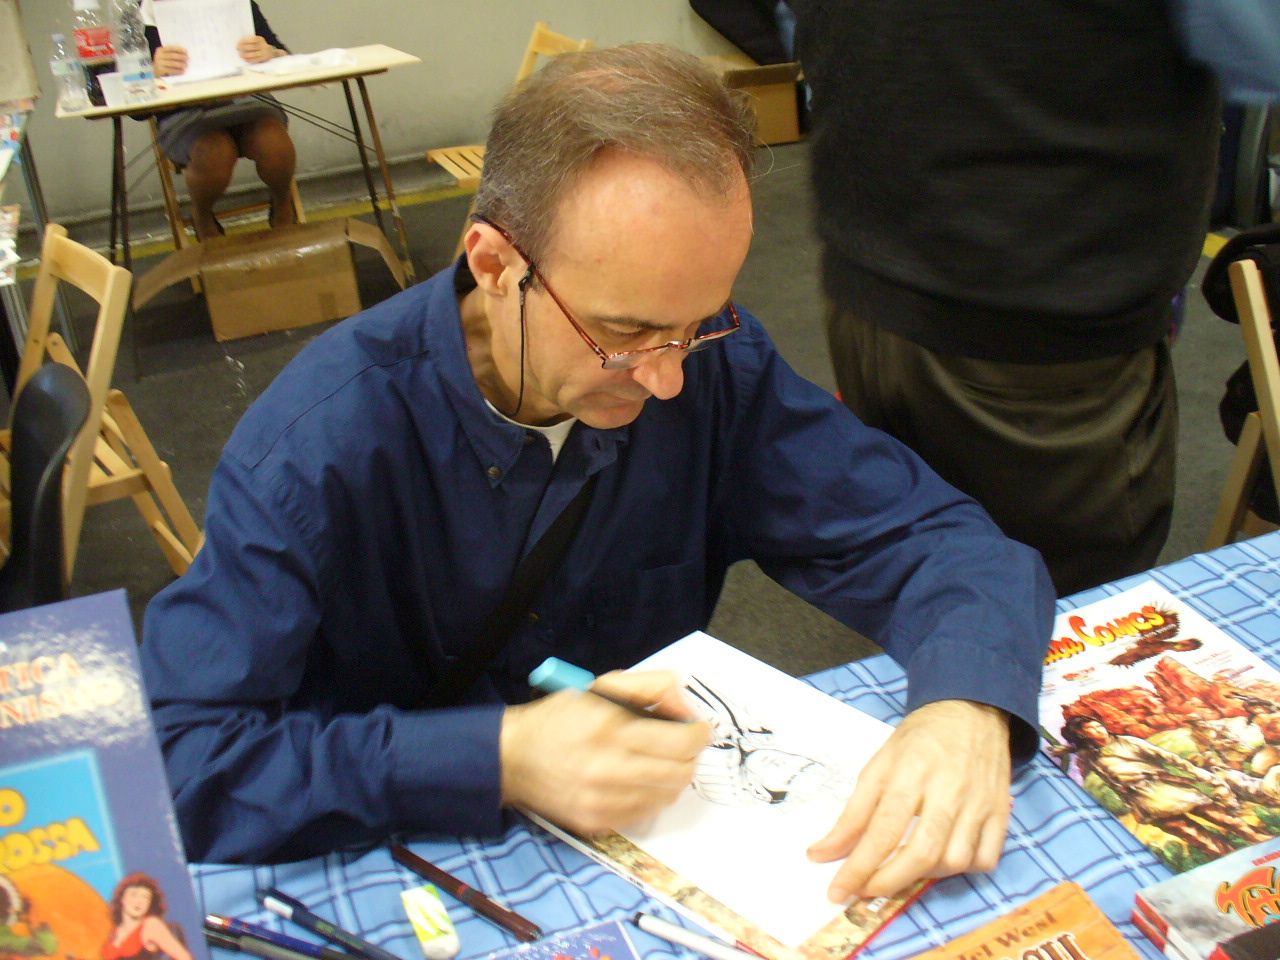 Dante Bastianoni